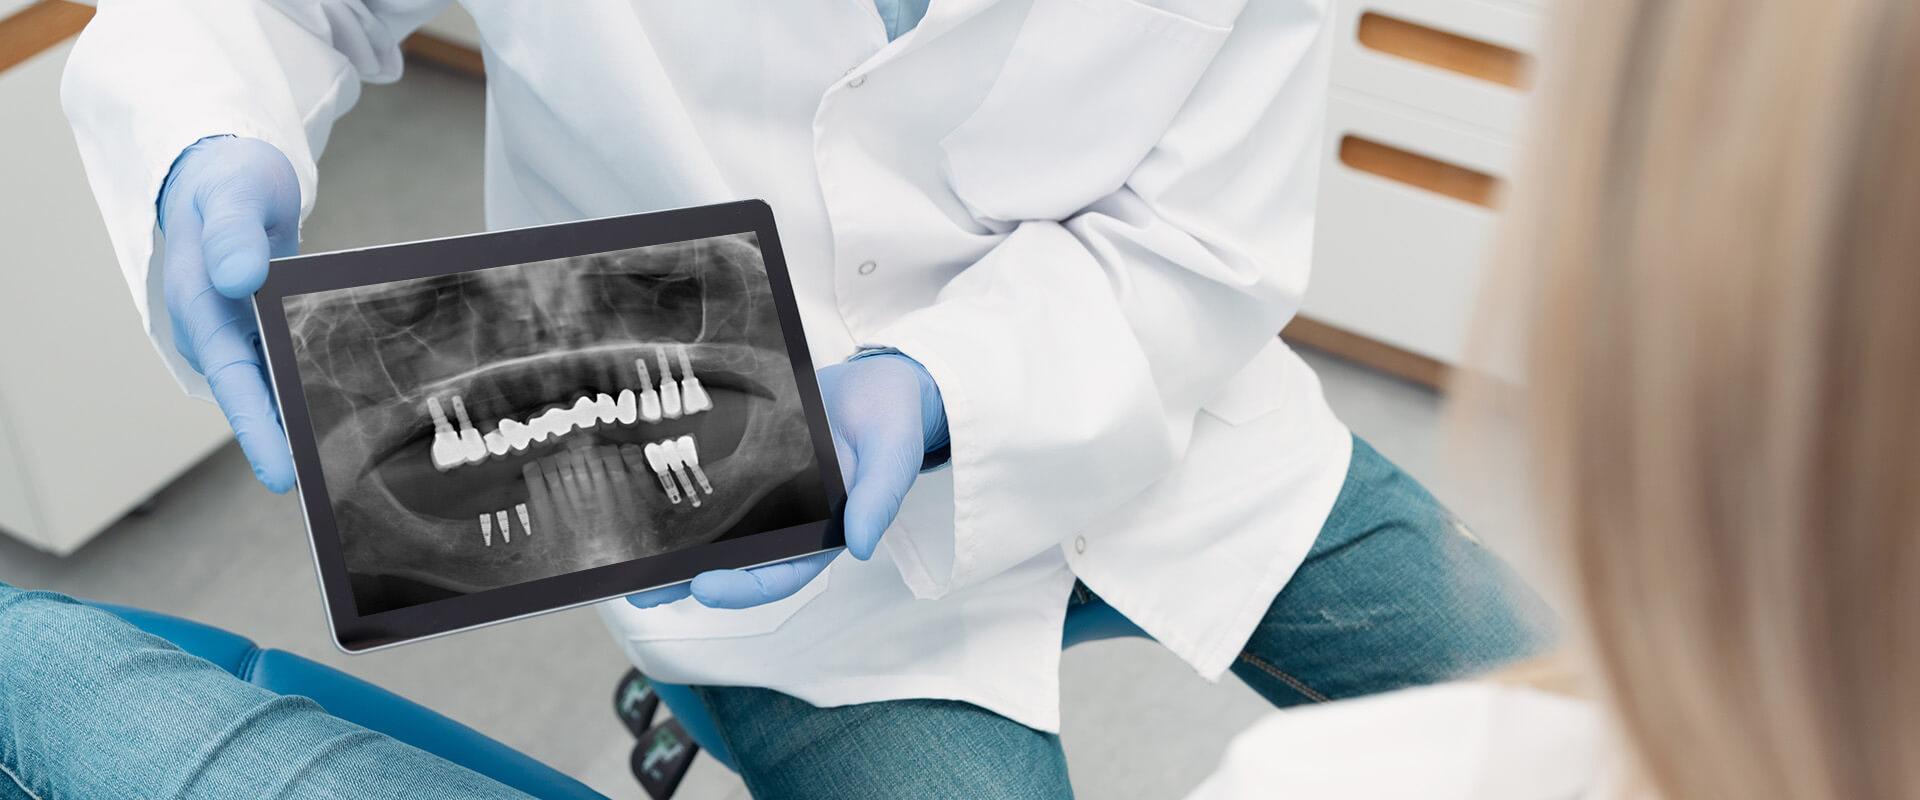 Zahnarzt Reisinger Roentgenbild